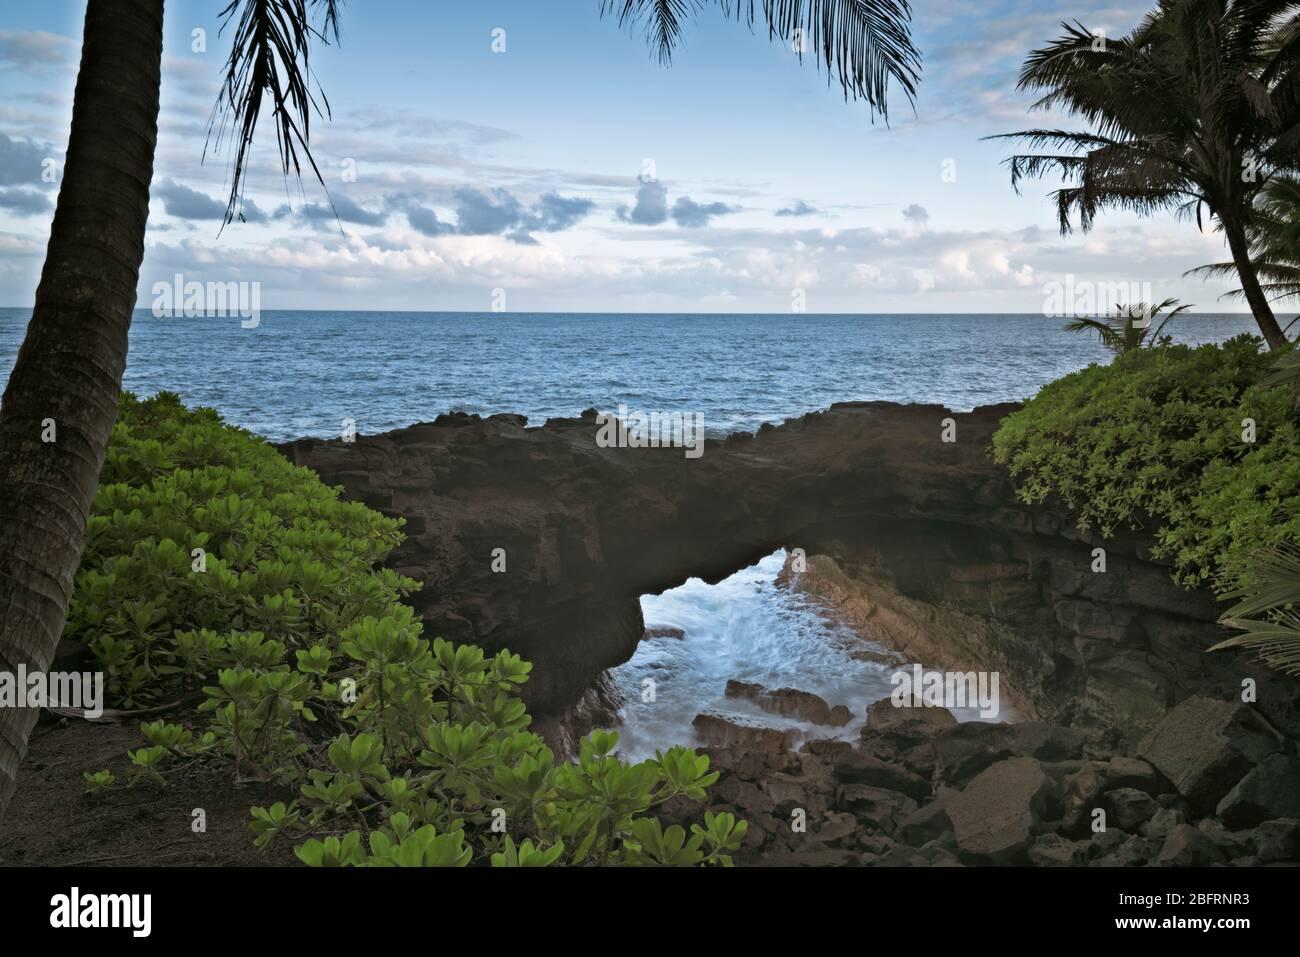 El Océano Pacífico se apresura en este arco de lava natural a lo largo de la costa de Puna en la Isla Grande de Hawai. Foto de stock